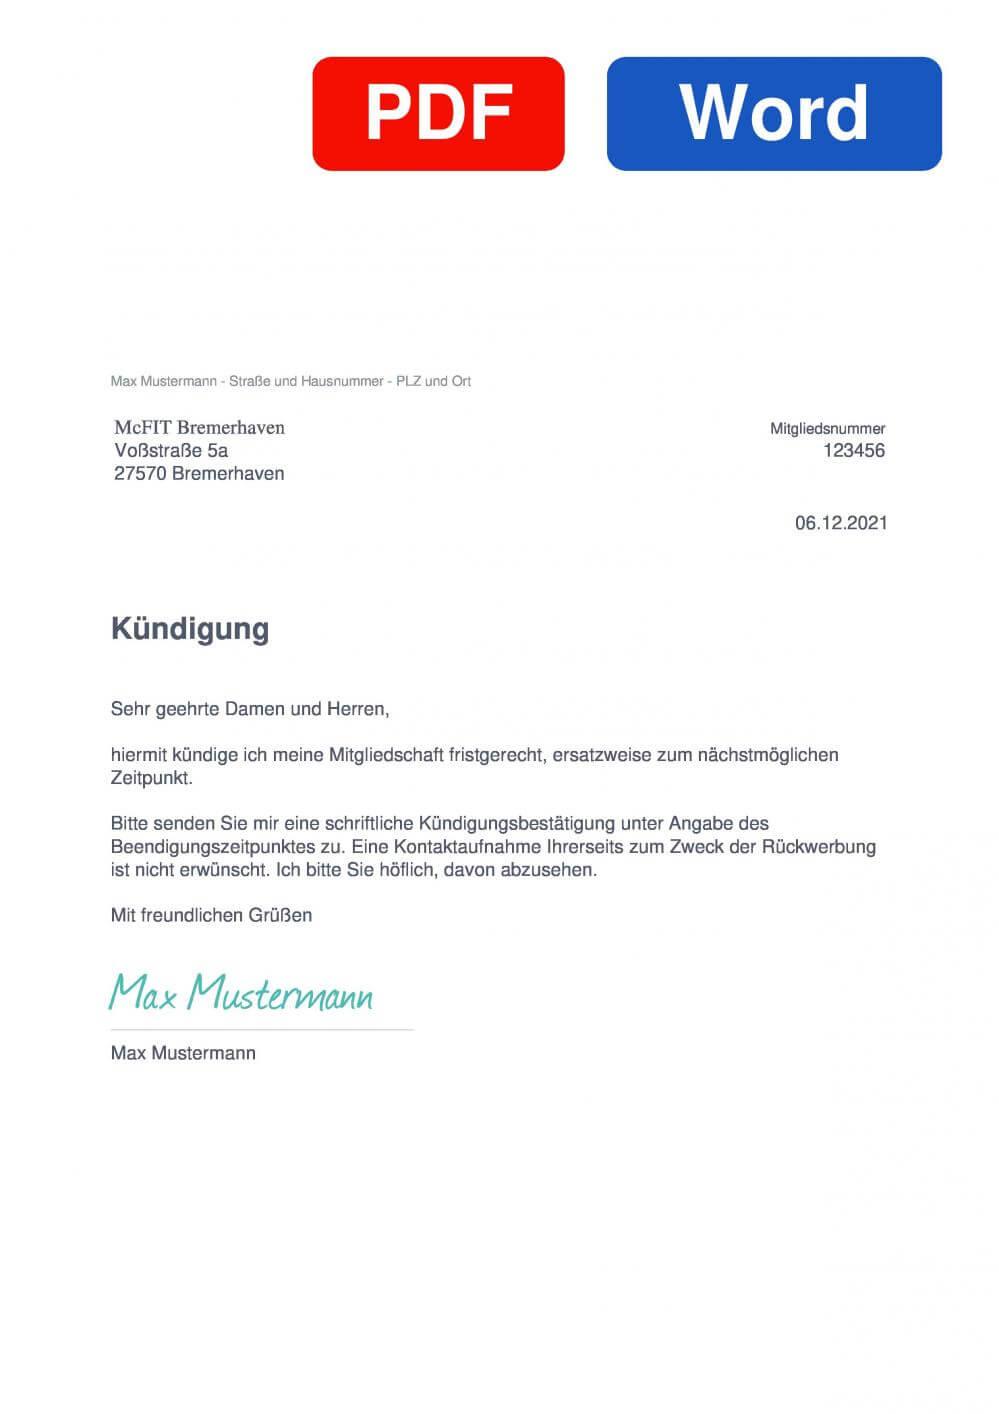 McFIT Bremerhaven Muster Vorlage für Kündigungsschreiben